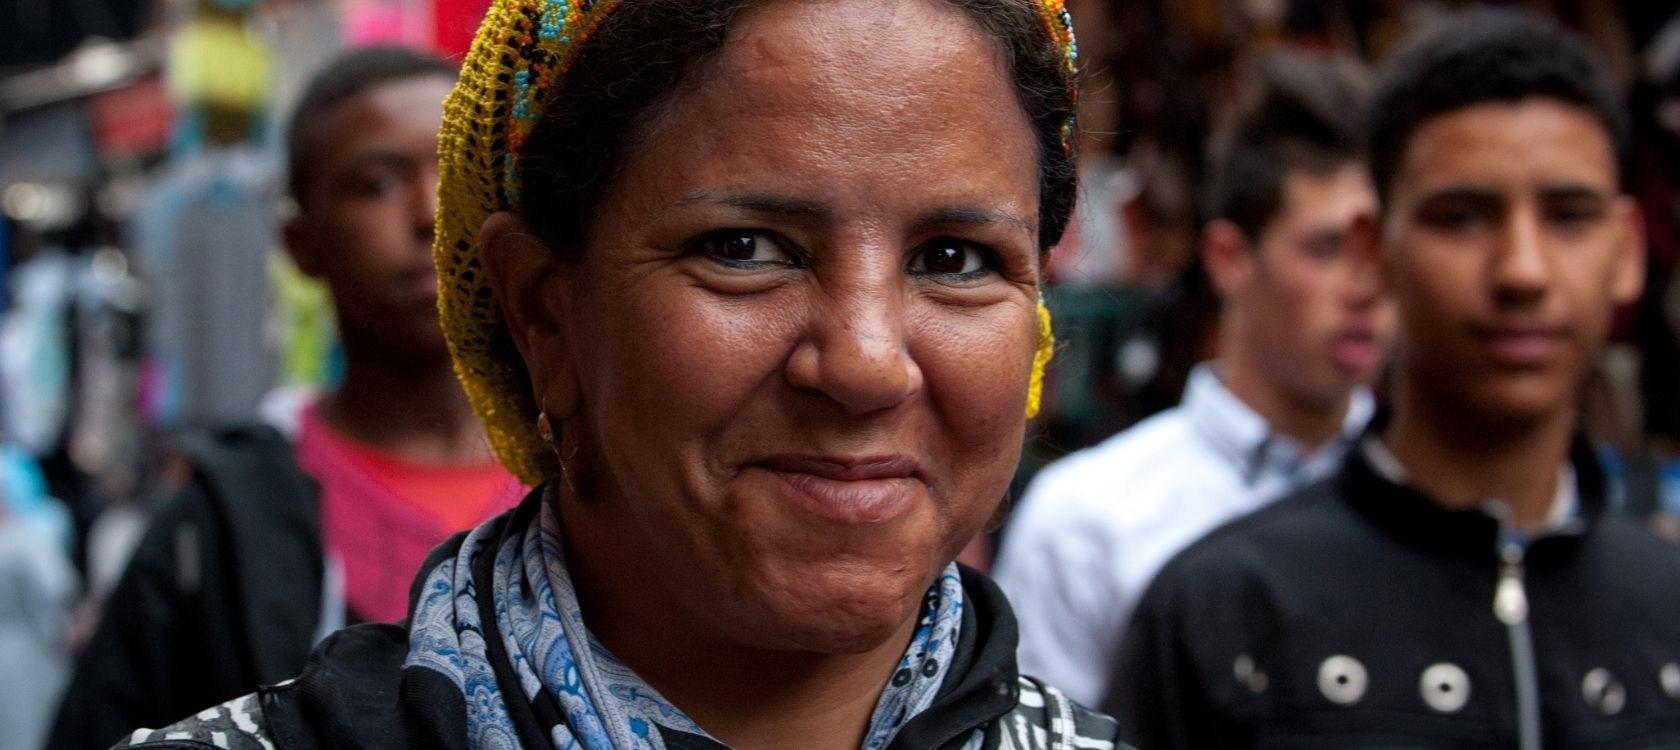 Maroc : l'AFD soutient l'égalité femmes-hommes à travers la politique publique